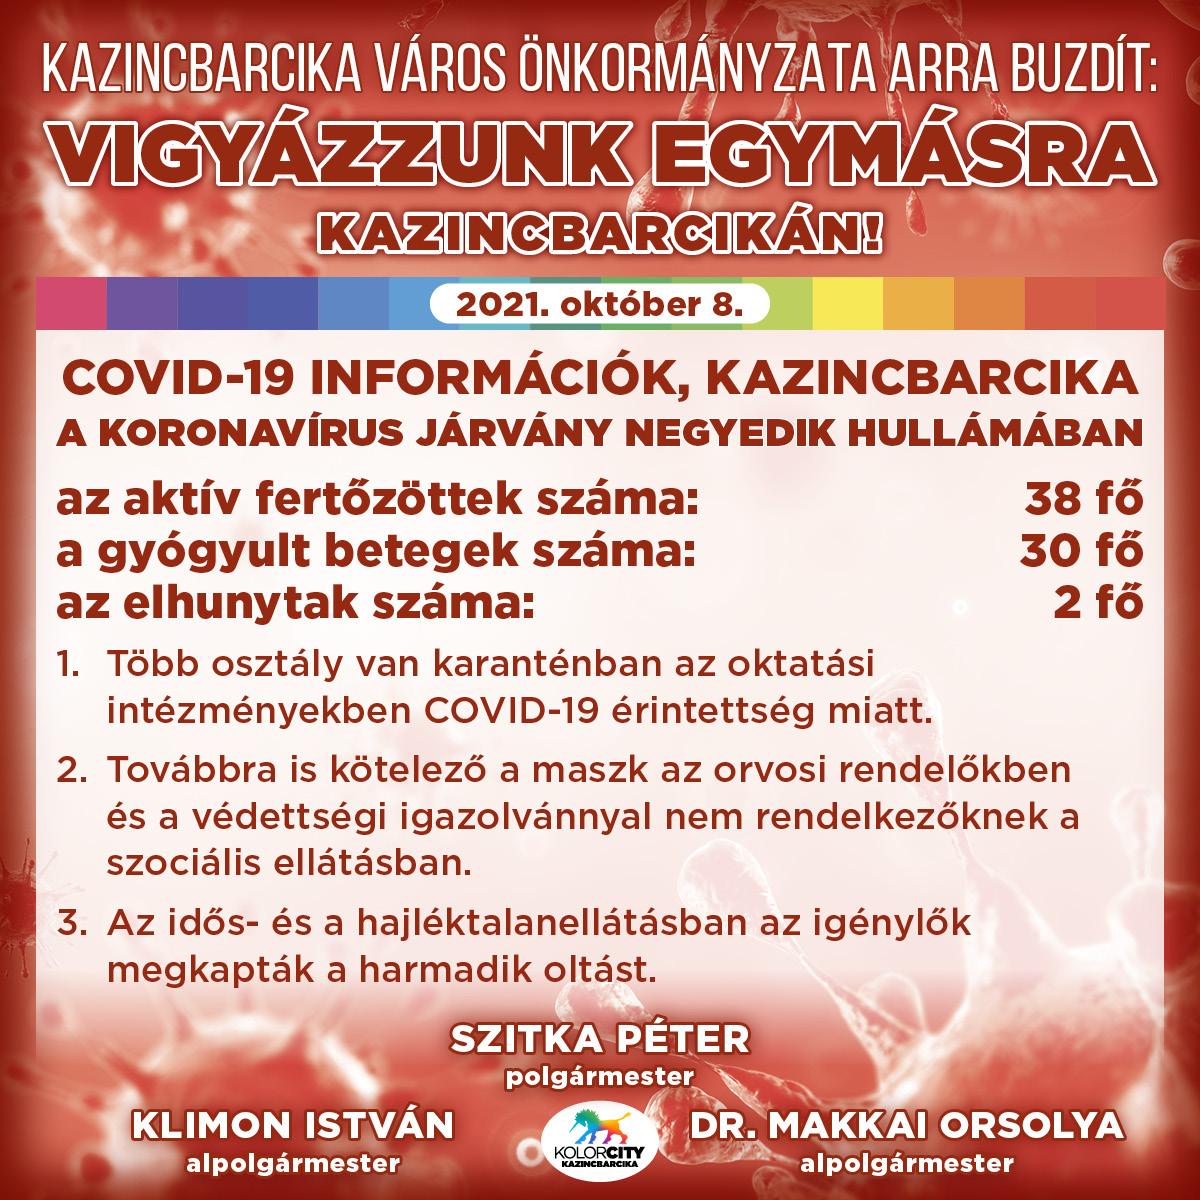 https://kolorline.hu/Vigyázzunk egymásra Kazincbarcikán! – 2021. október 8.